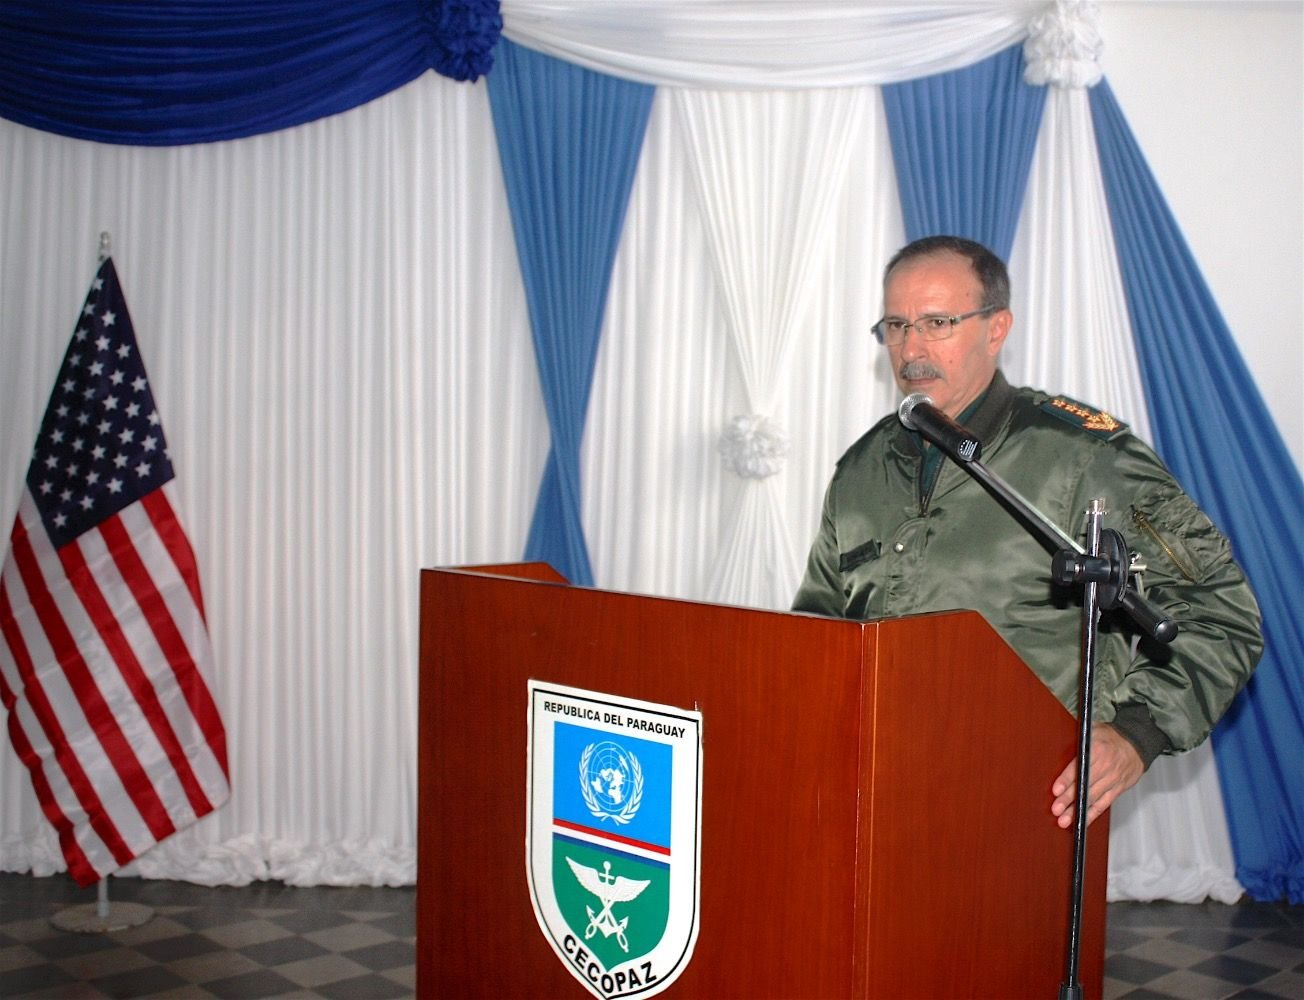 Comandante do Exército paraguaio apóia uma maior profissionalização dos suboficiais do país